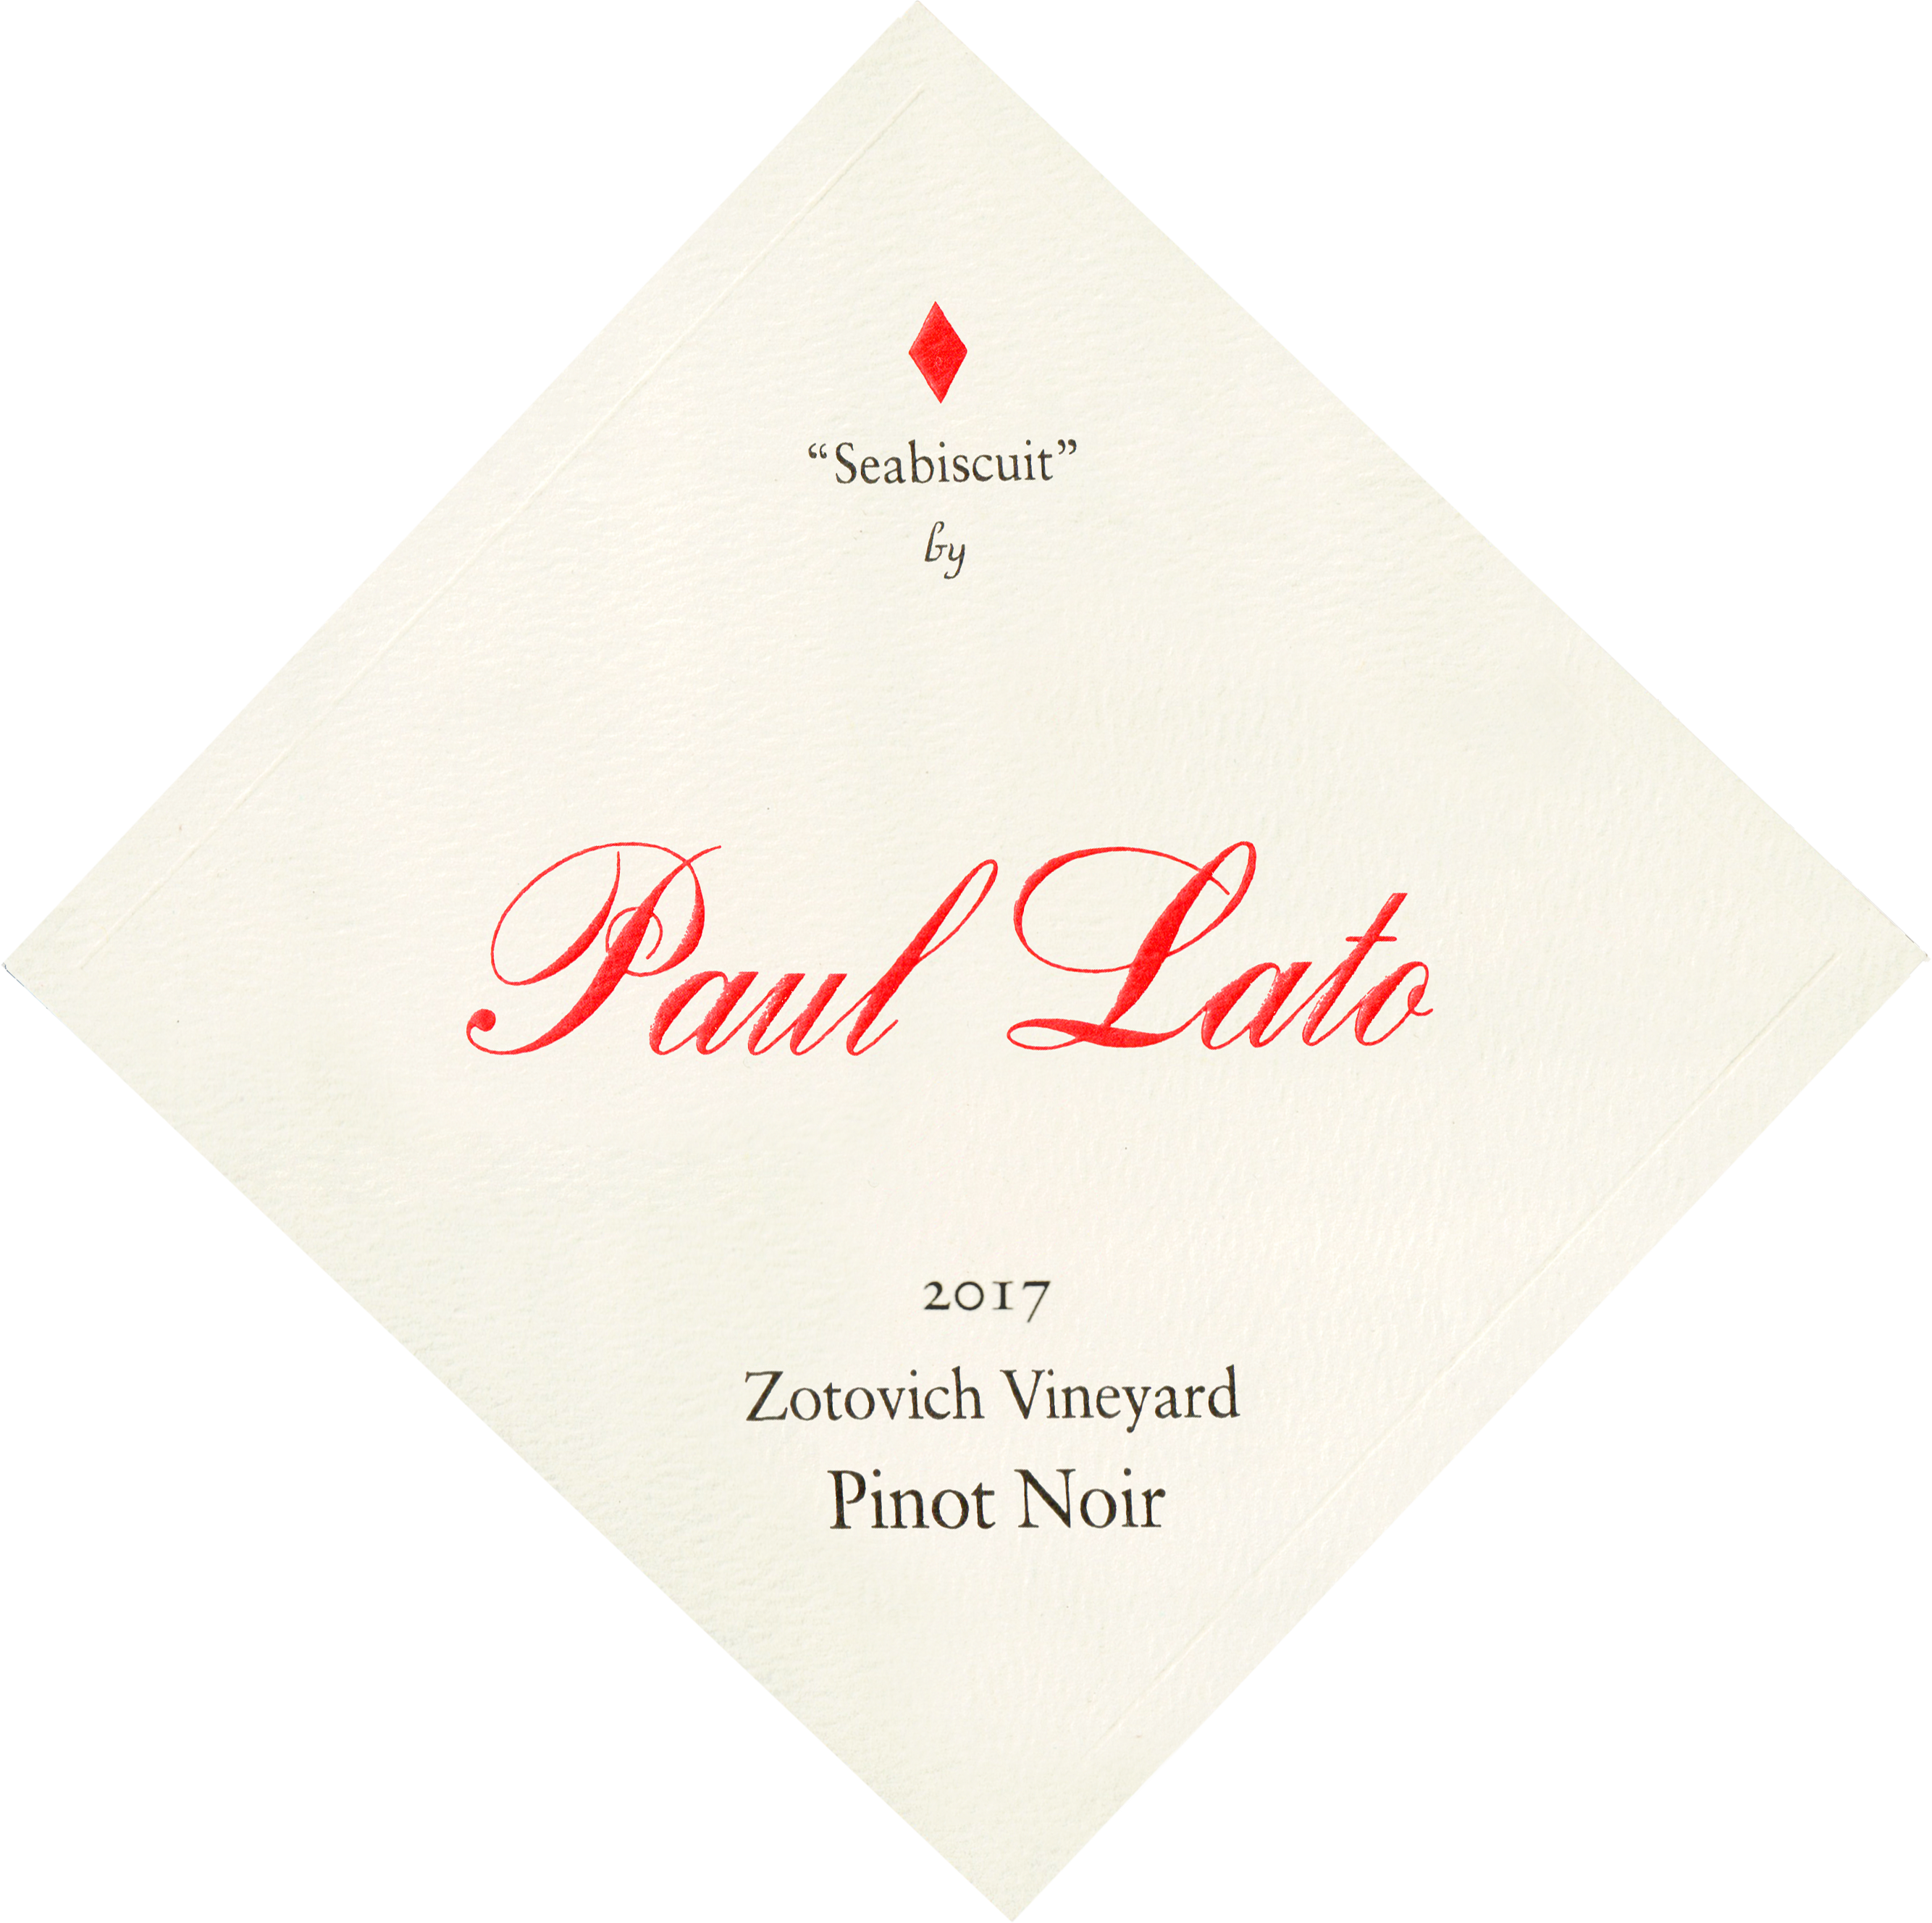 Paul Lato Seabiscuit Zotovich Vineyards Pinot Noir 2017